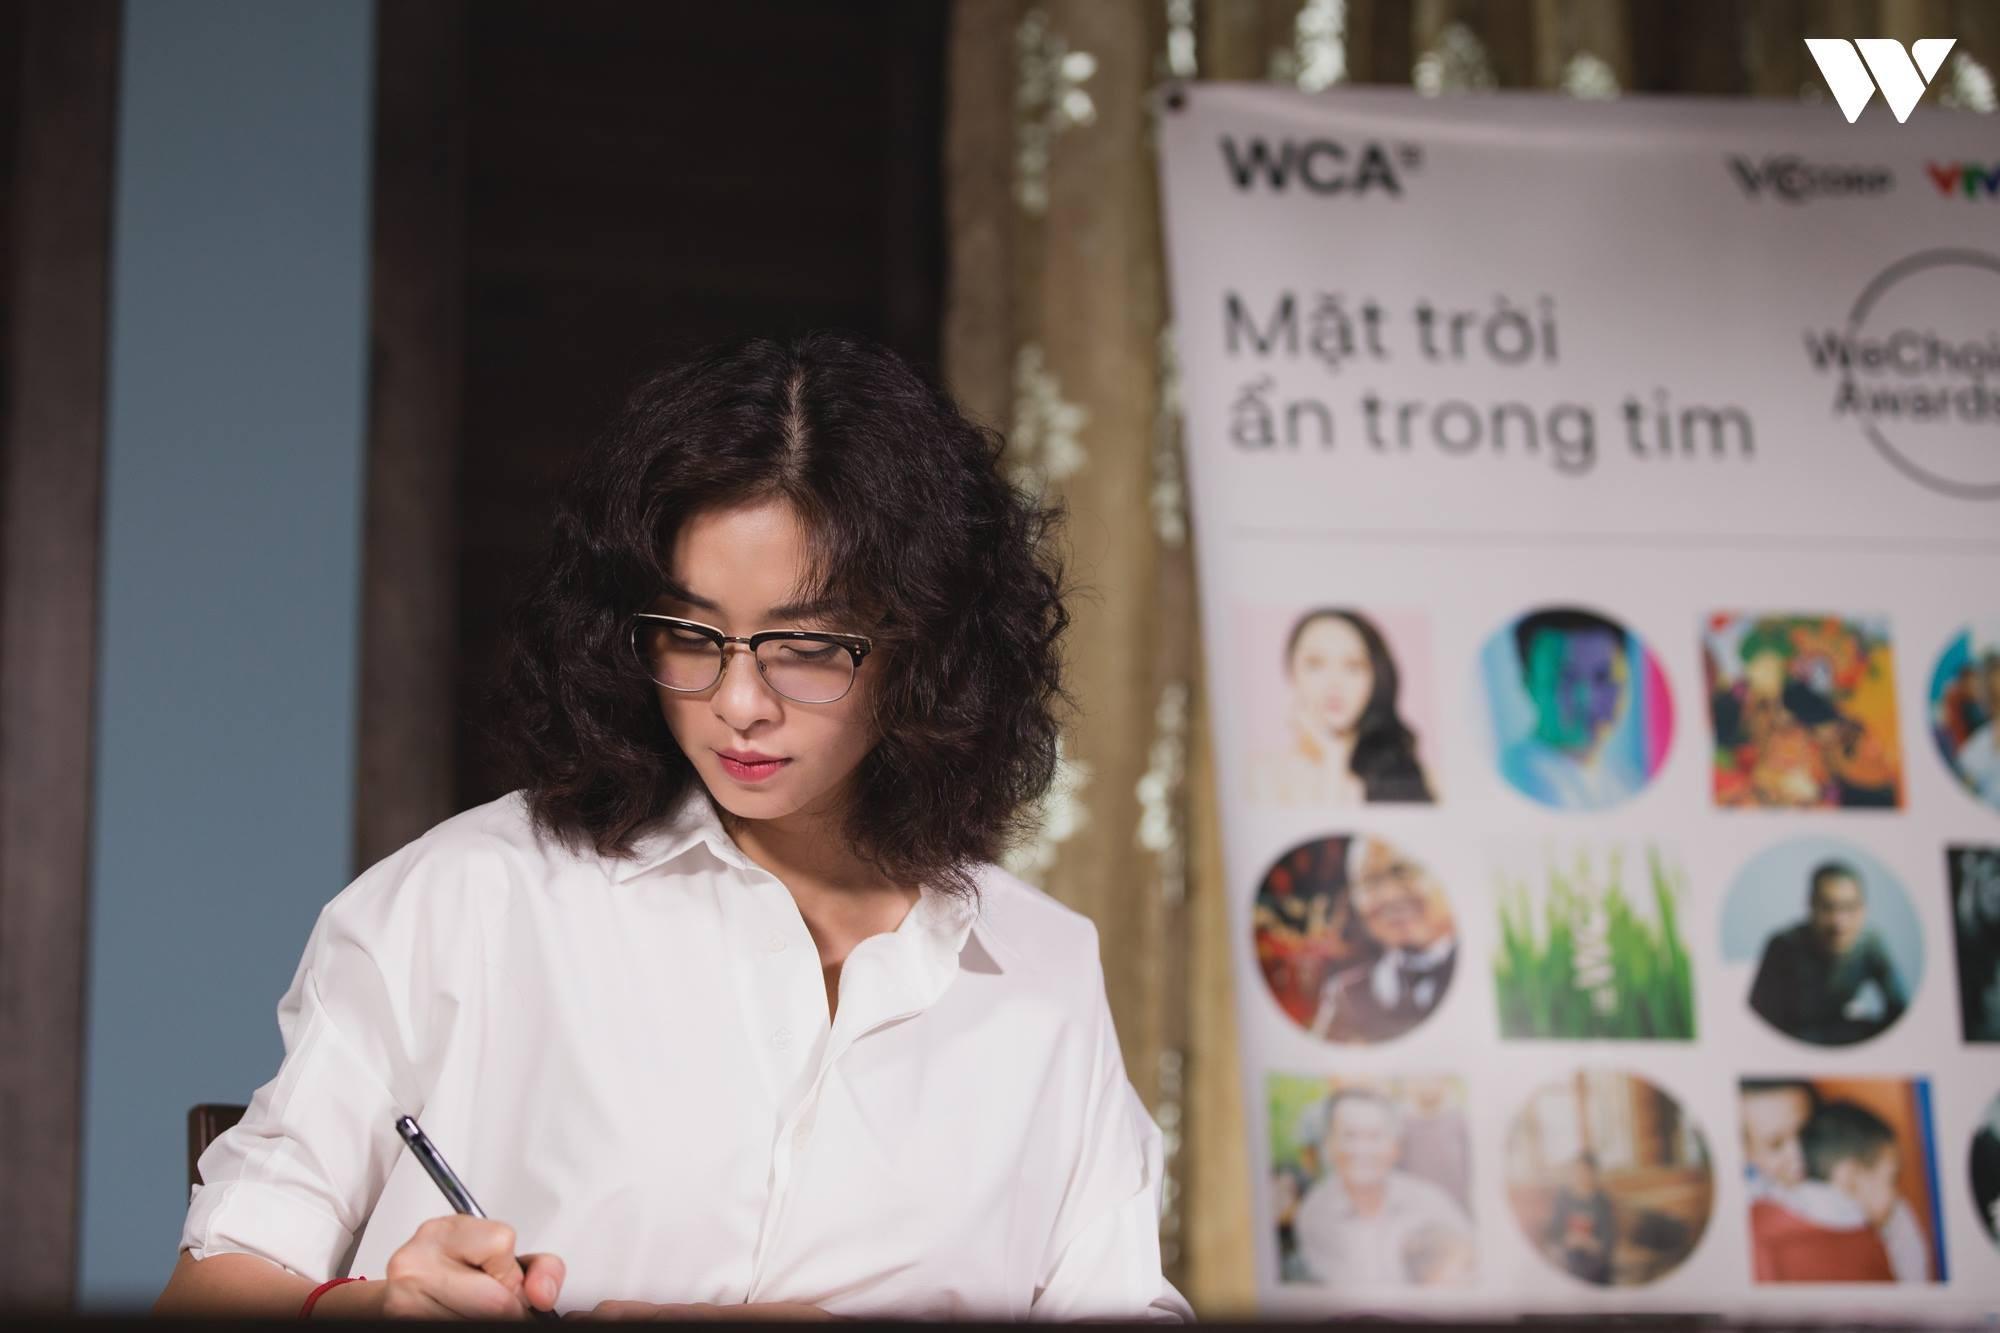 Ngô Thanh Vân chia sẻ cảm xúc khi lần đầu đảm nhận vai trò là thành viên trong Hội đồng thẩm định WeChoice Awards 2018 - Ảnh 3.